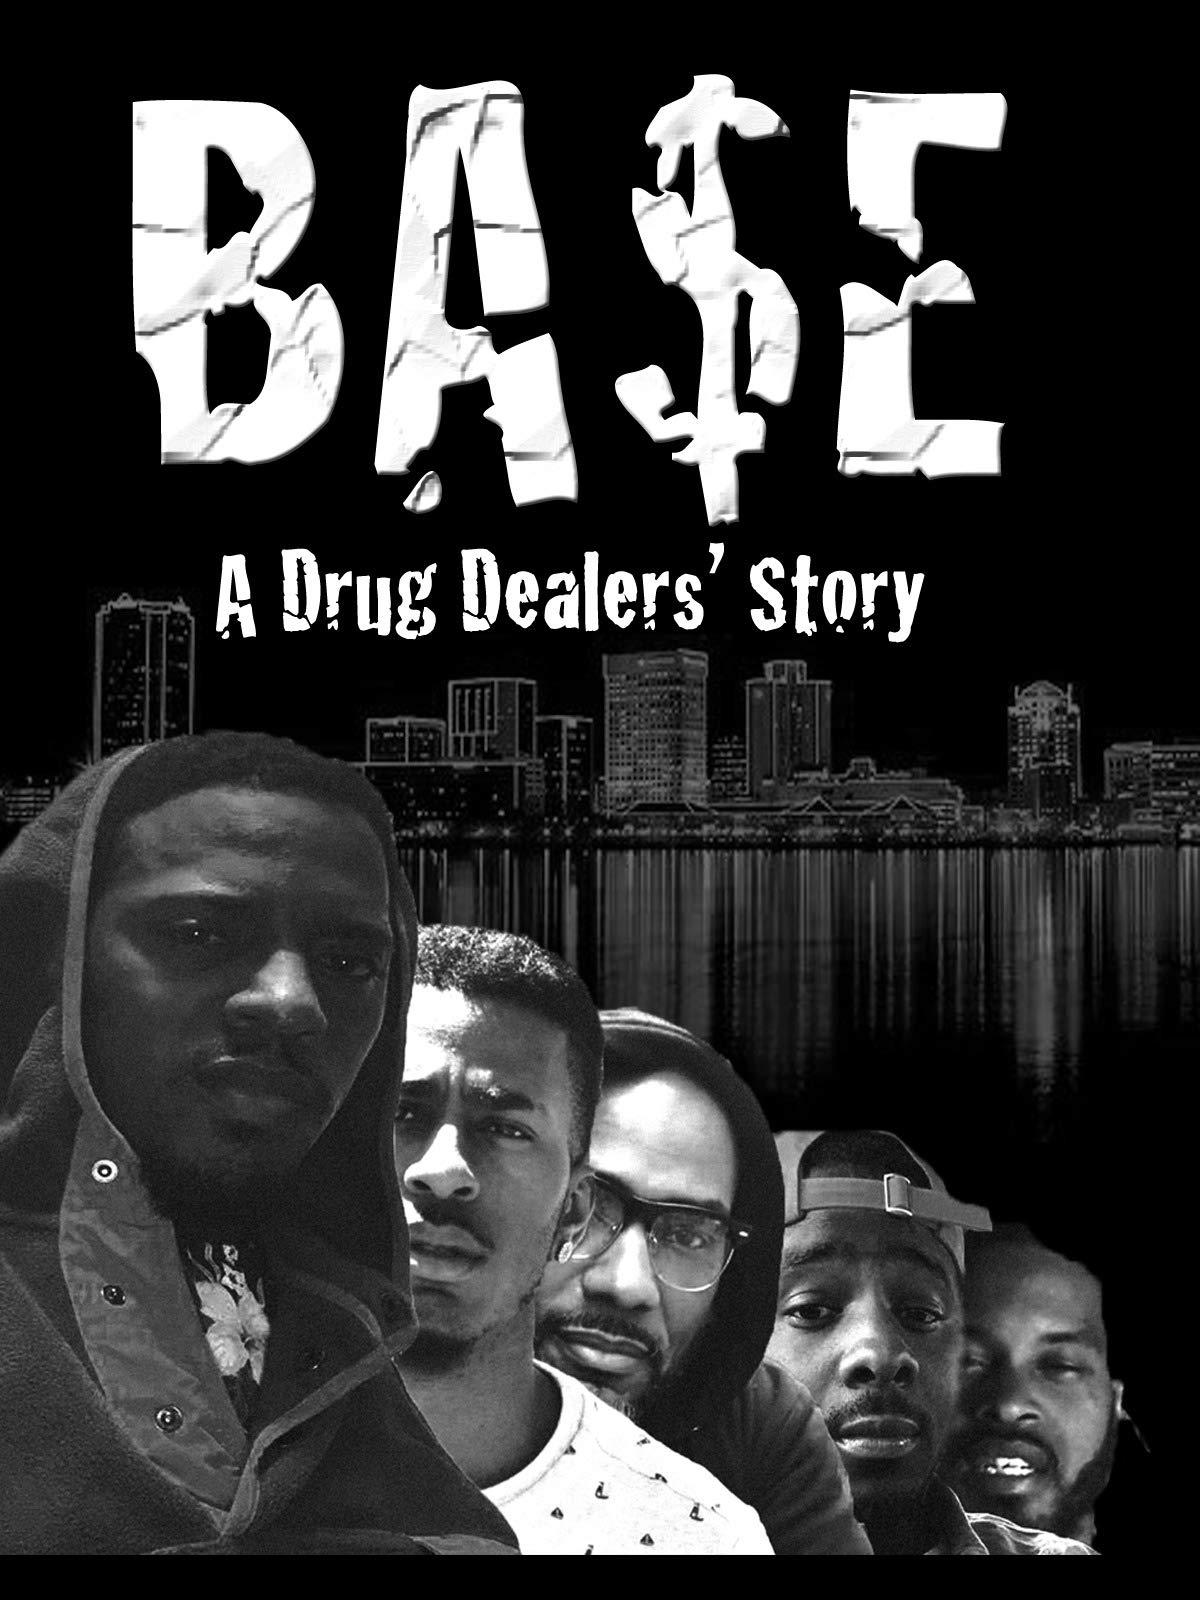 BASE A Drug Dealers' Story